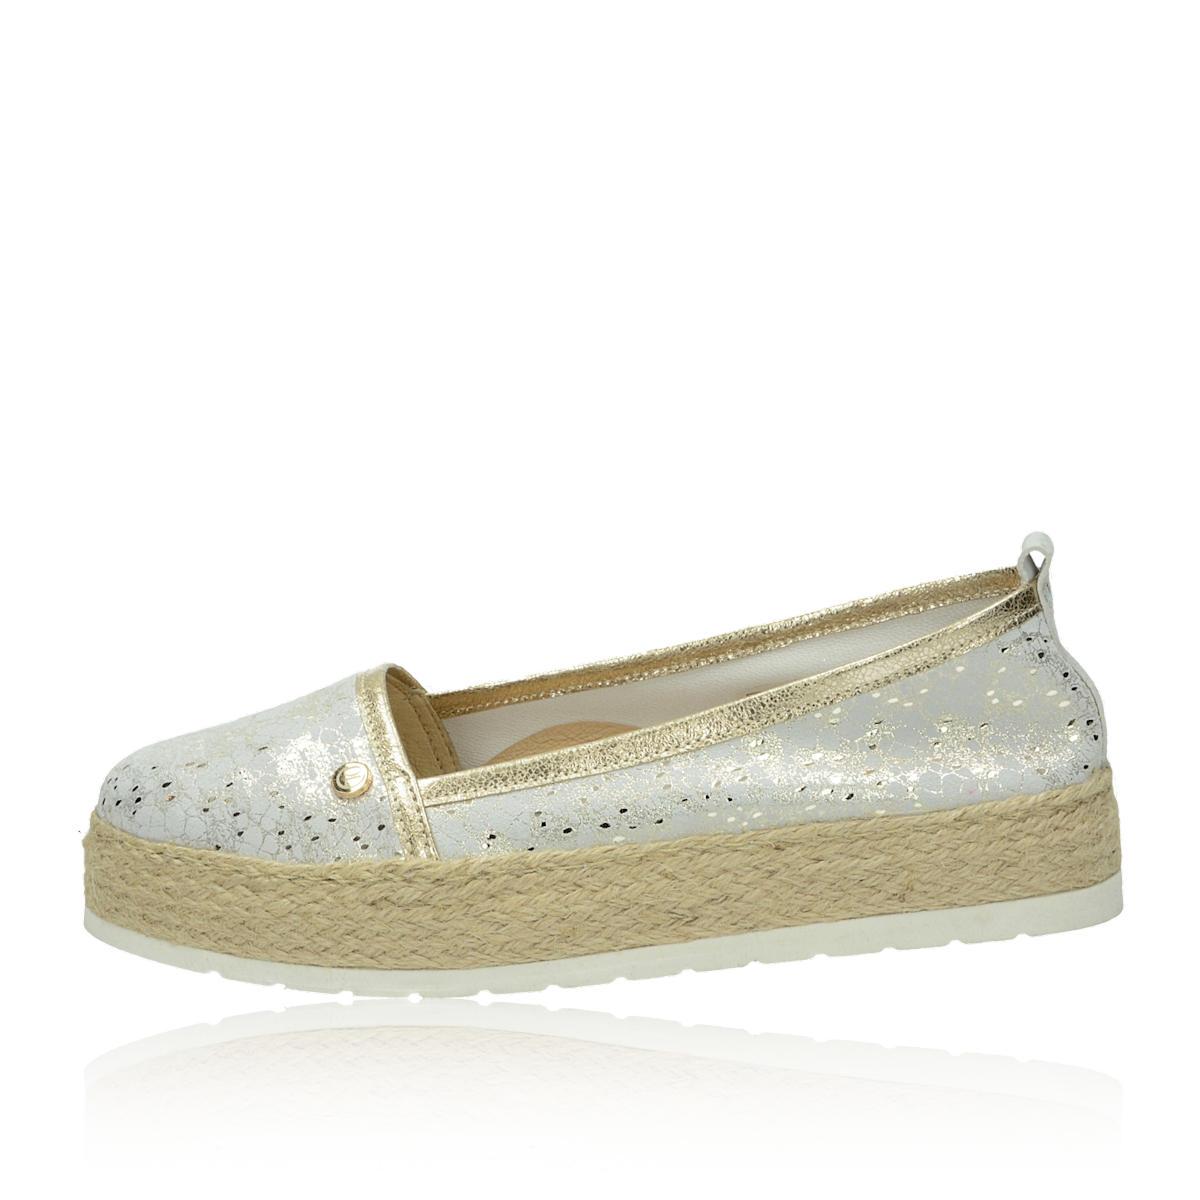 58aa001eb24d ... Olivia shoes dámske espadrilky na platforme - zlaté ...